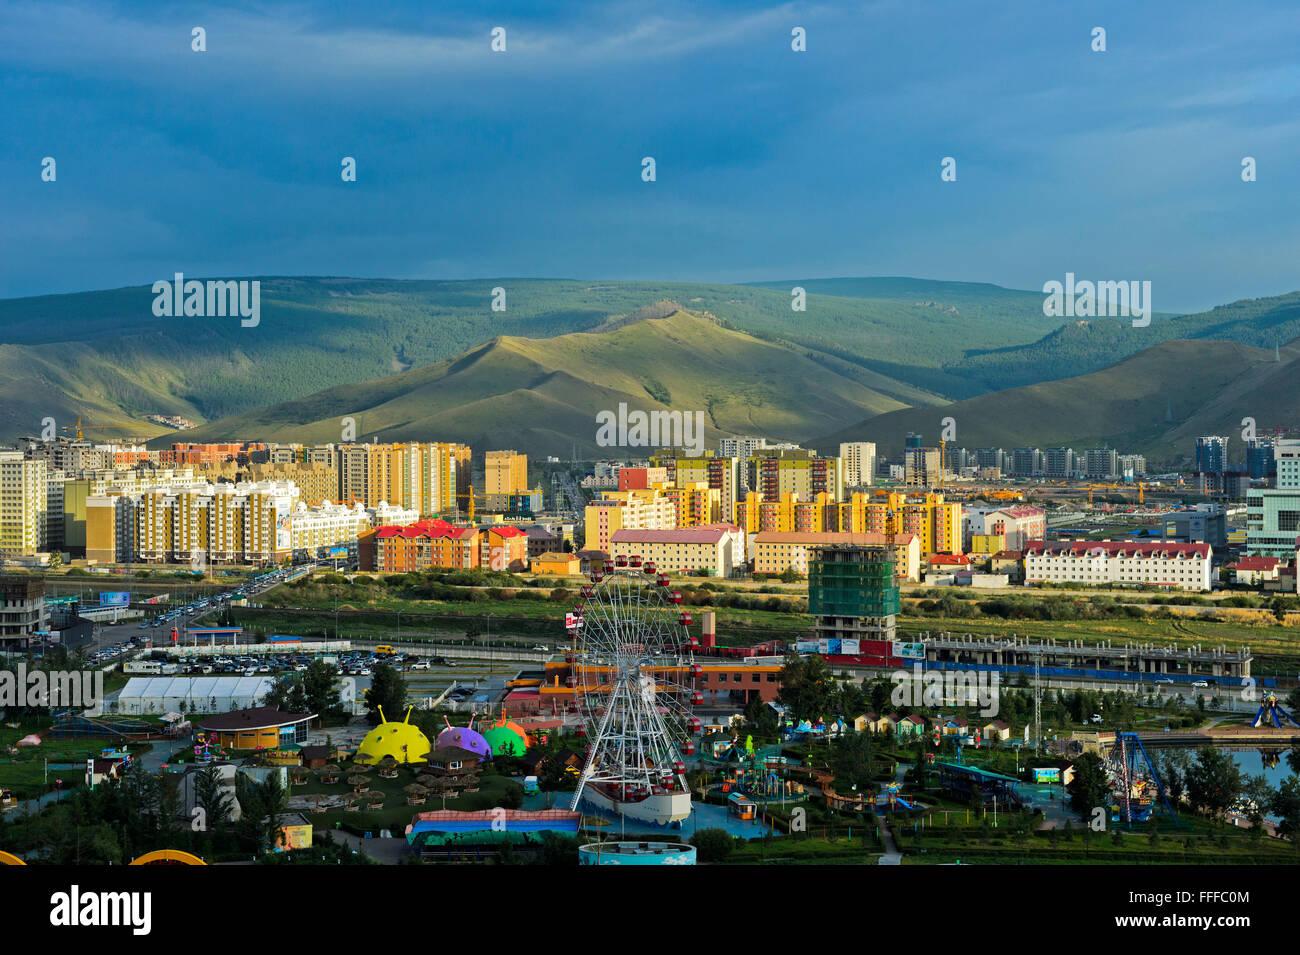 National-Vergnügungspark gebaut hinter modernen neu Bezirk, Ulan Bator, Mongolei Stockbild